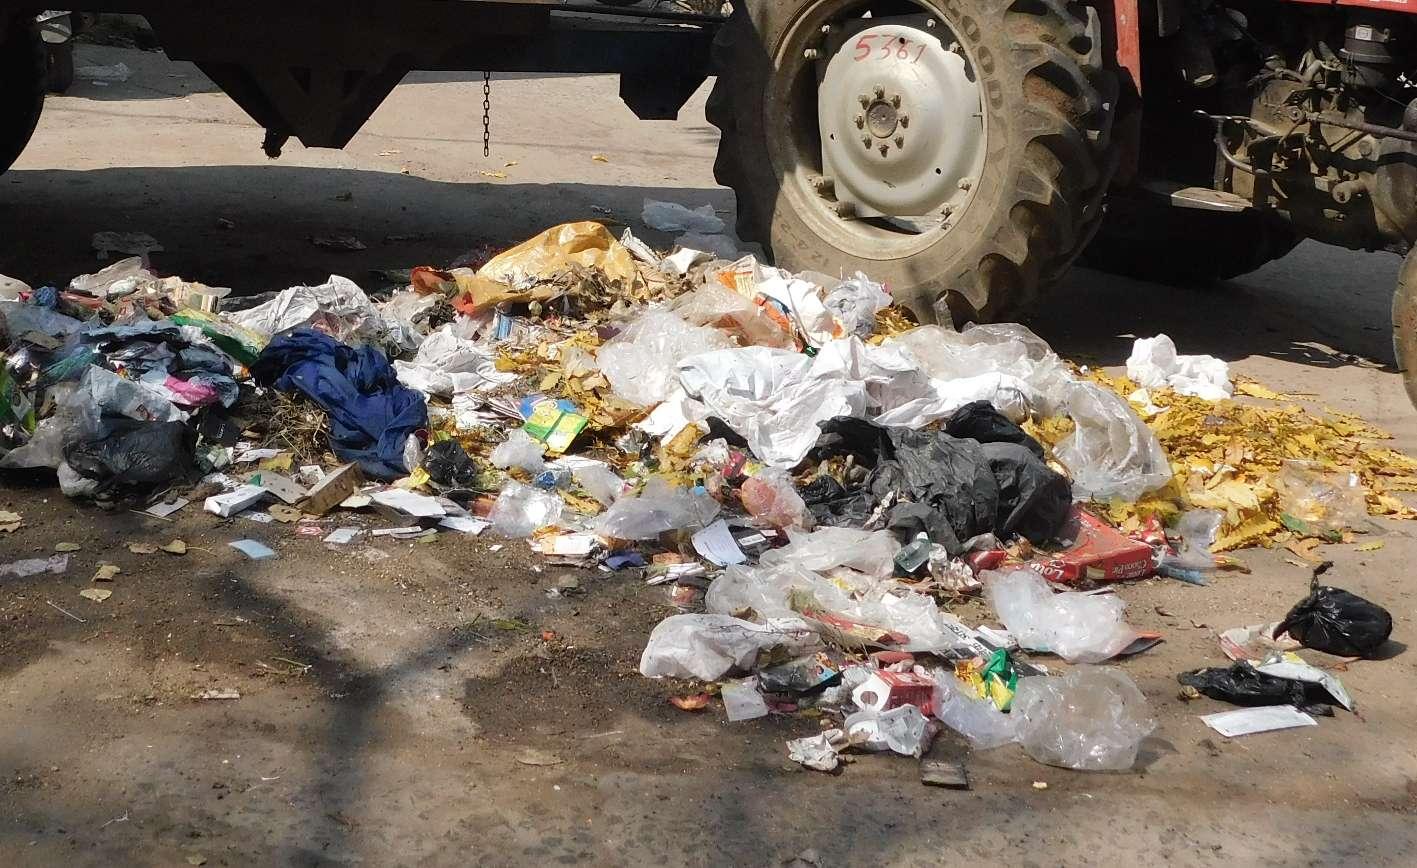 कचरा उठाव वाहन बिगड़े बेपटरी हुई घर-घर कचरा उठाव योजना